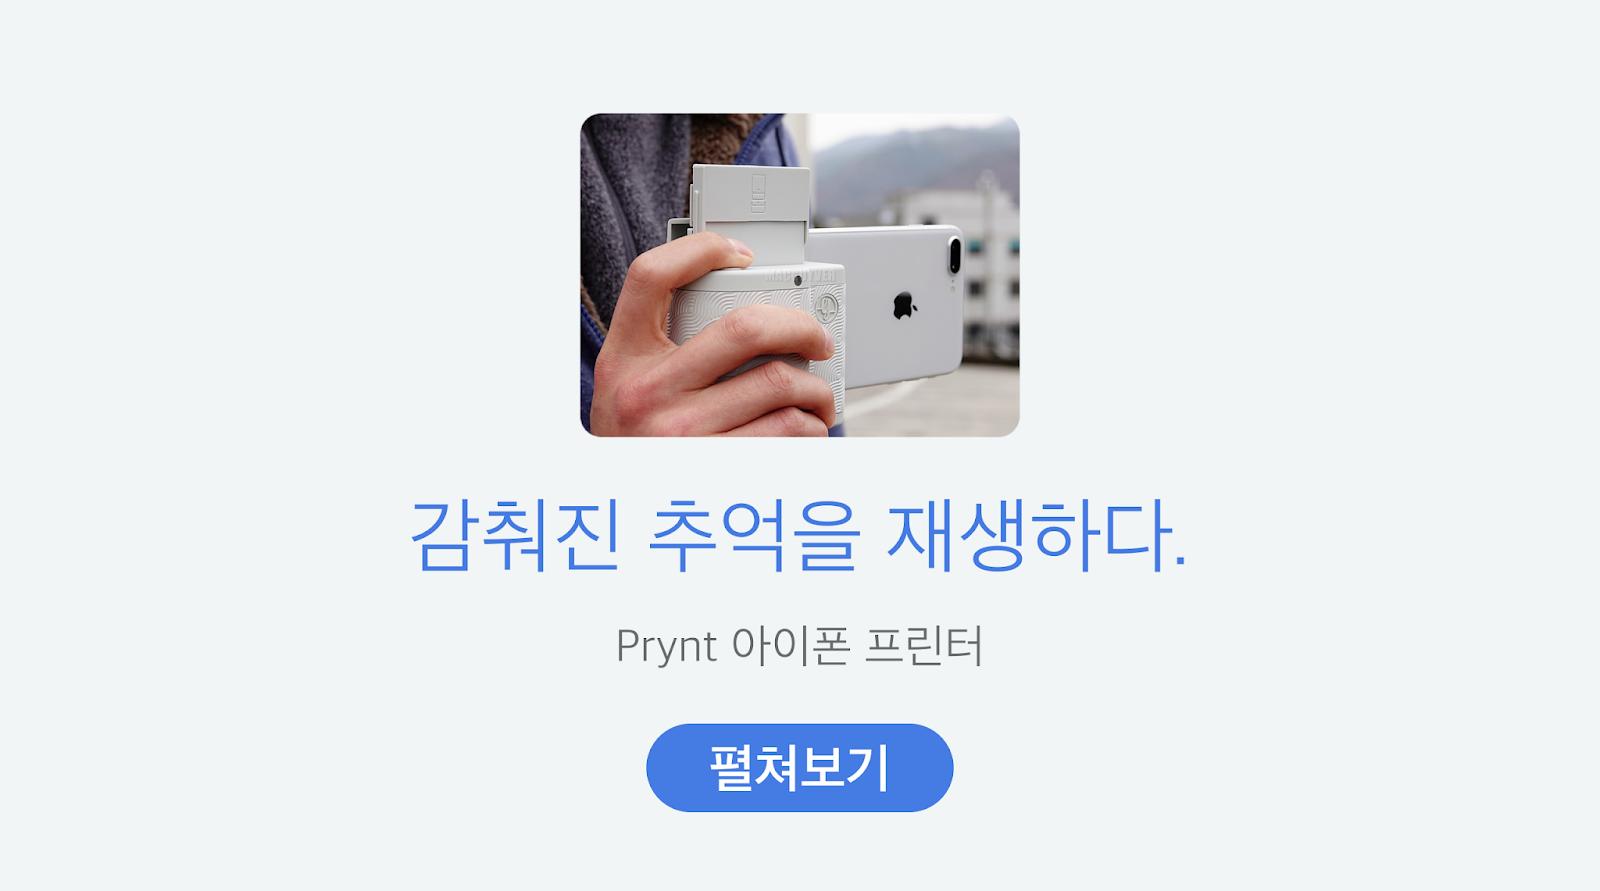 https://www.prynt.co/#/?_k=d0q2m9